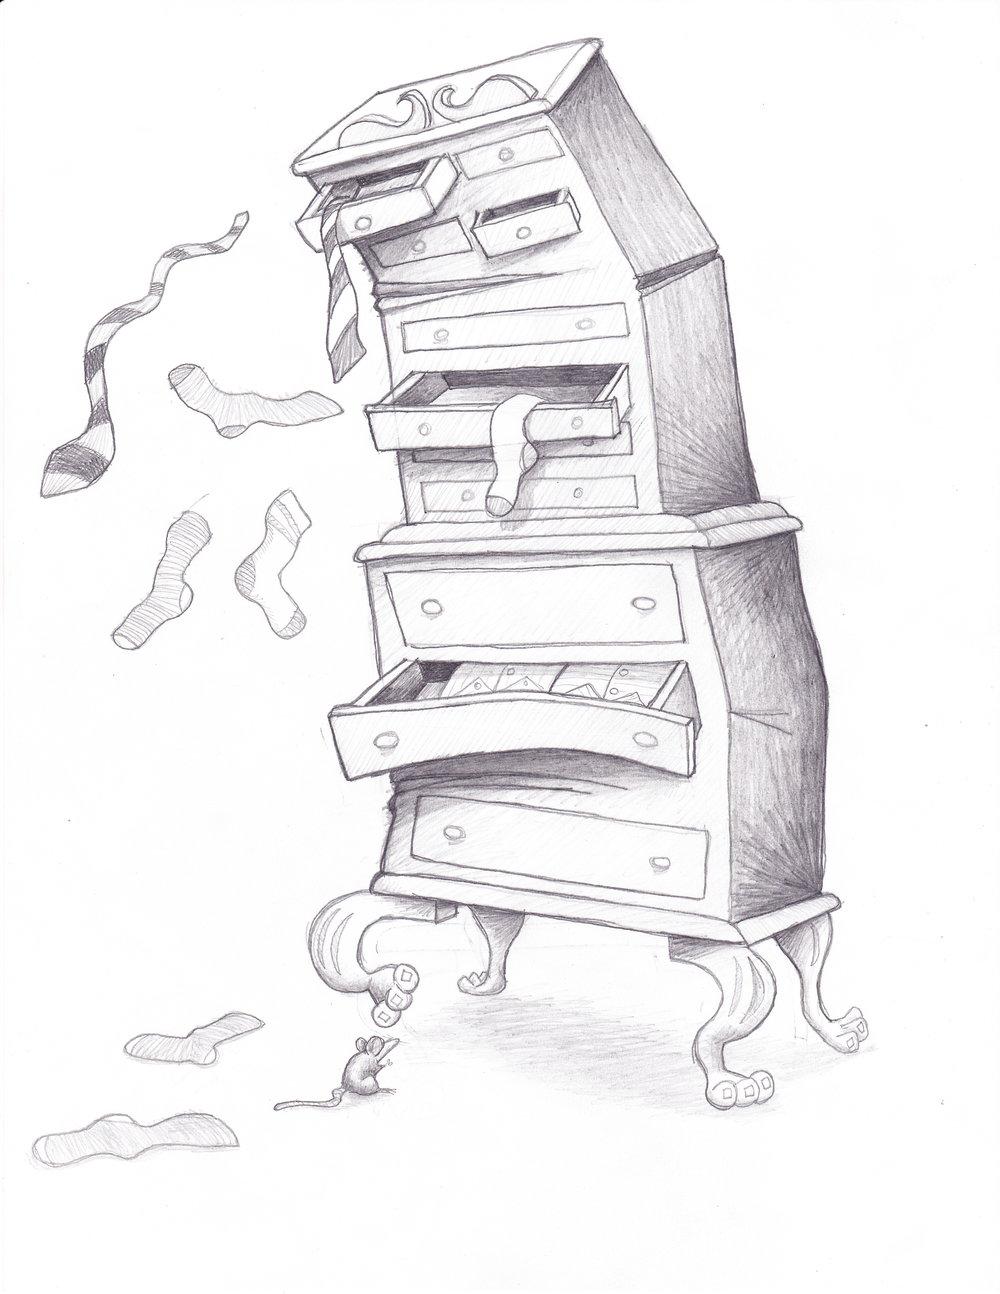 Drawers Doodle.jpg